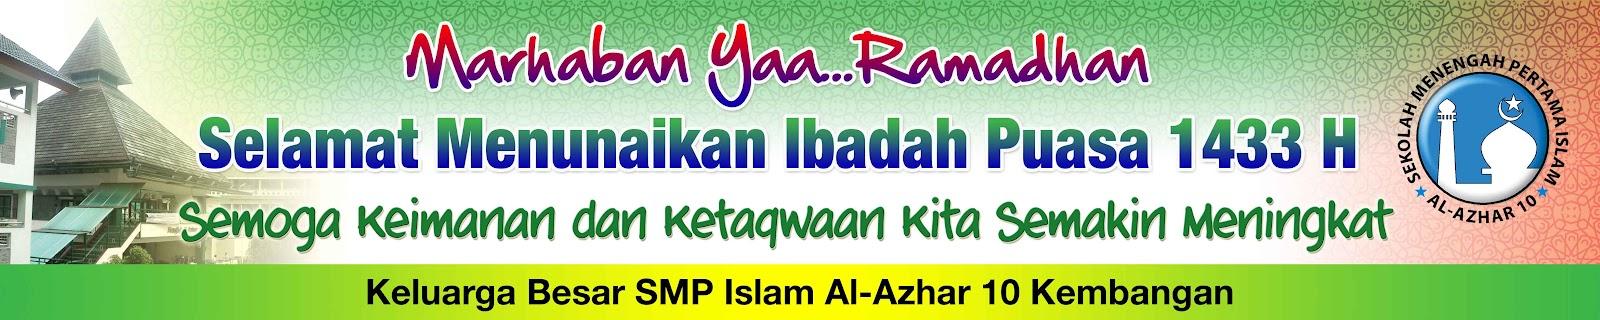 Sedangkan Untuk Marhaban Yaa Ramadhan Saya Gunakan Font Hand Of Sean Tulisan Semoga Keimanan Menggunakan Font Mixtapemike